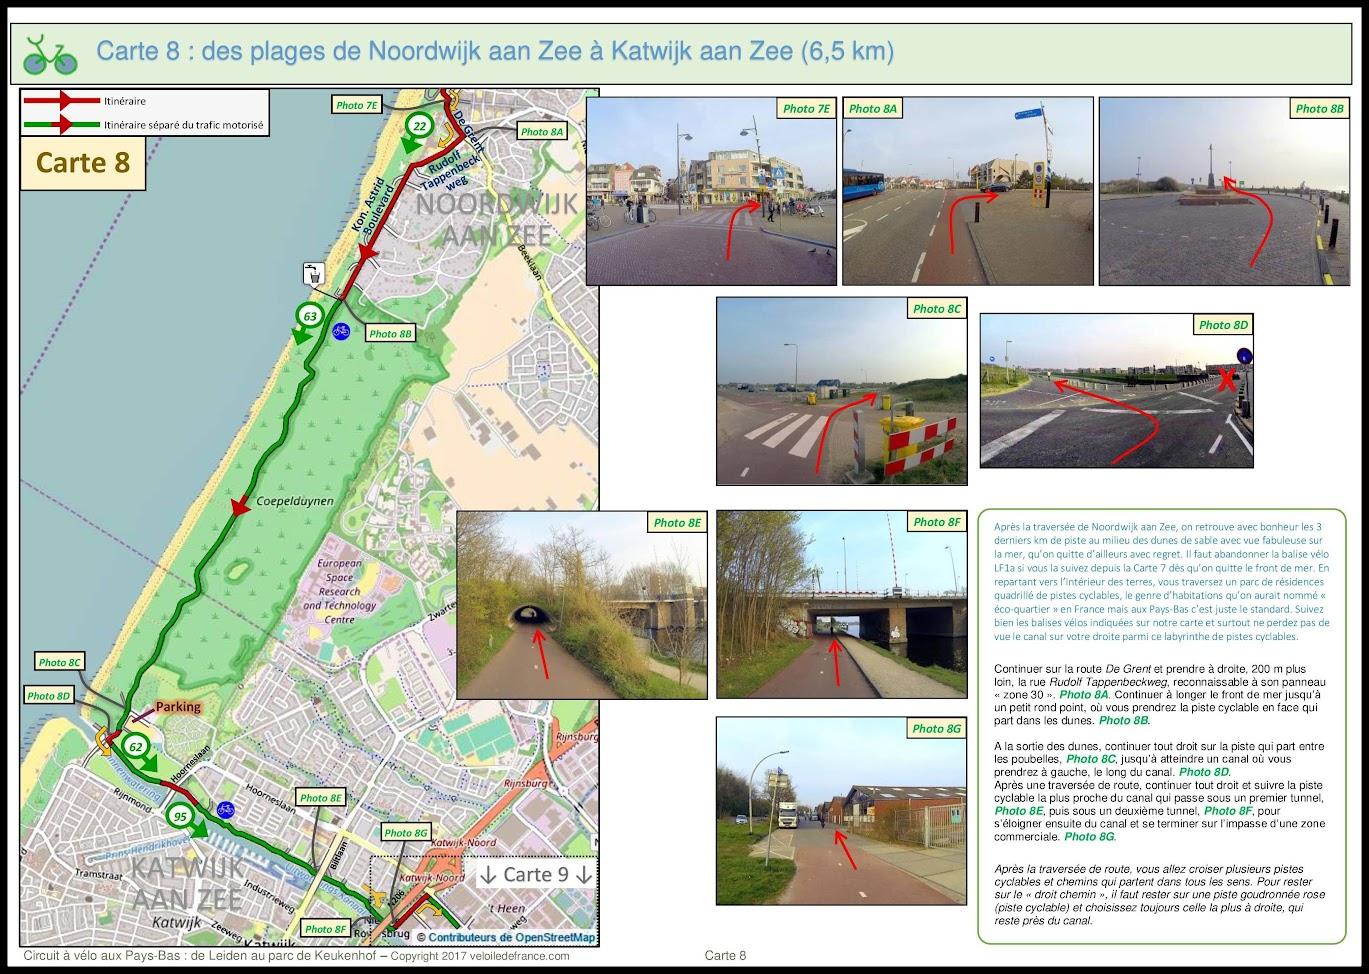 Carte 8 - Circuit à vélo aux Pays-Bas de Leiden au Parc de Keukenhof par veloiledefrance.com